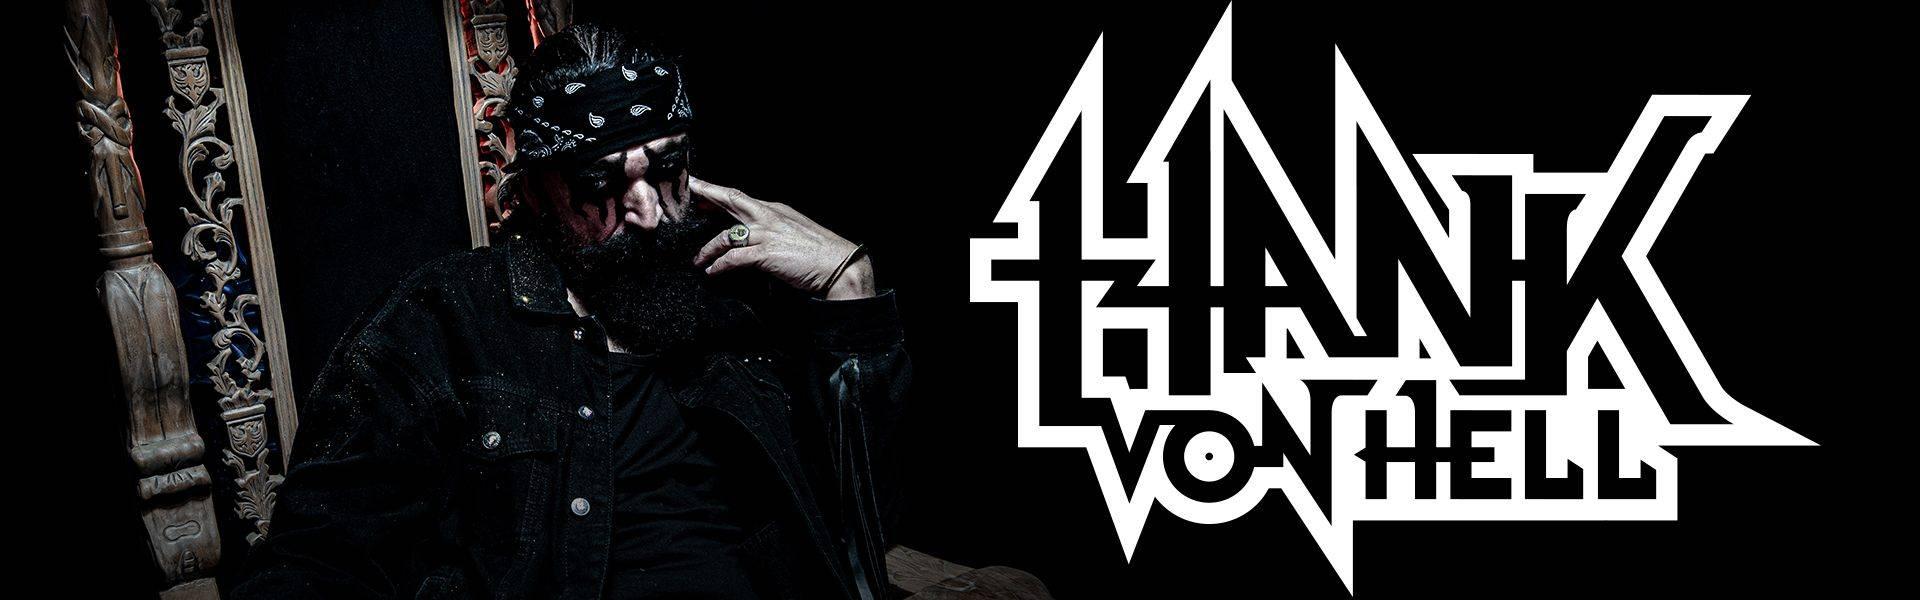 Hank von hell concerto al Legend Club Milano giugno 2021 biglietti mailticket | Notizie